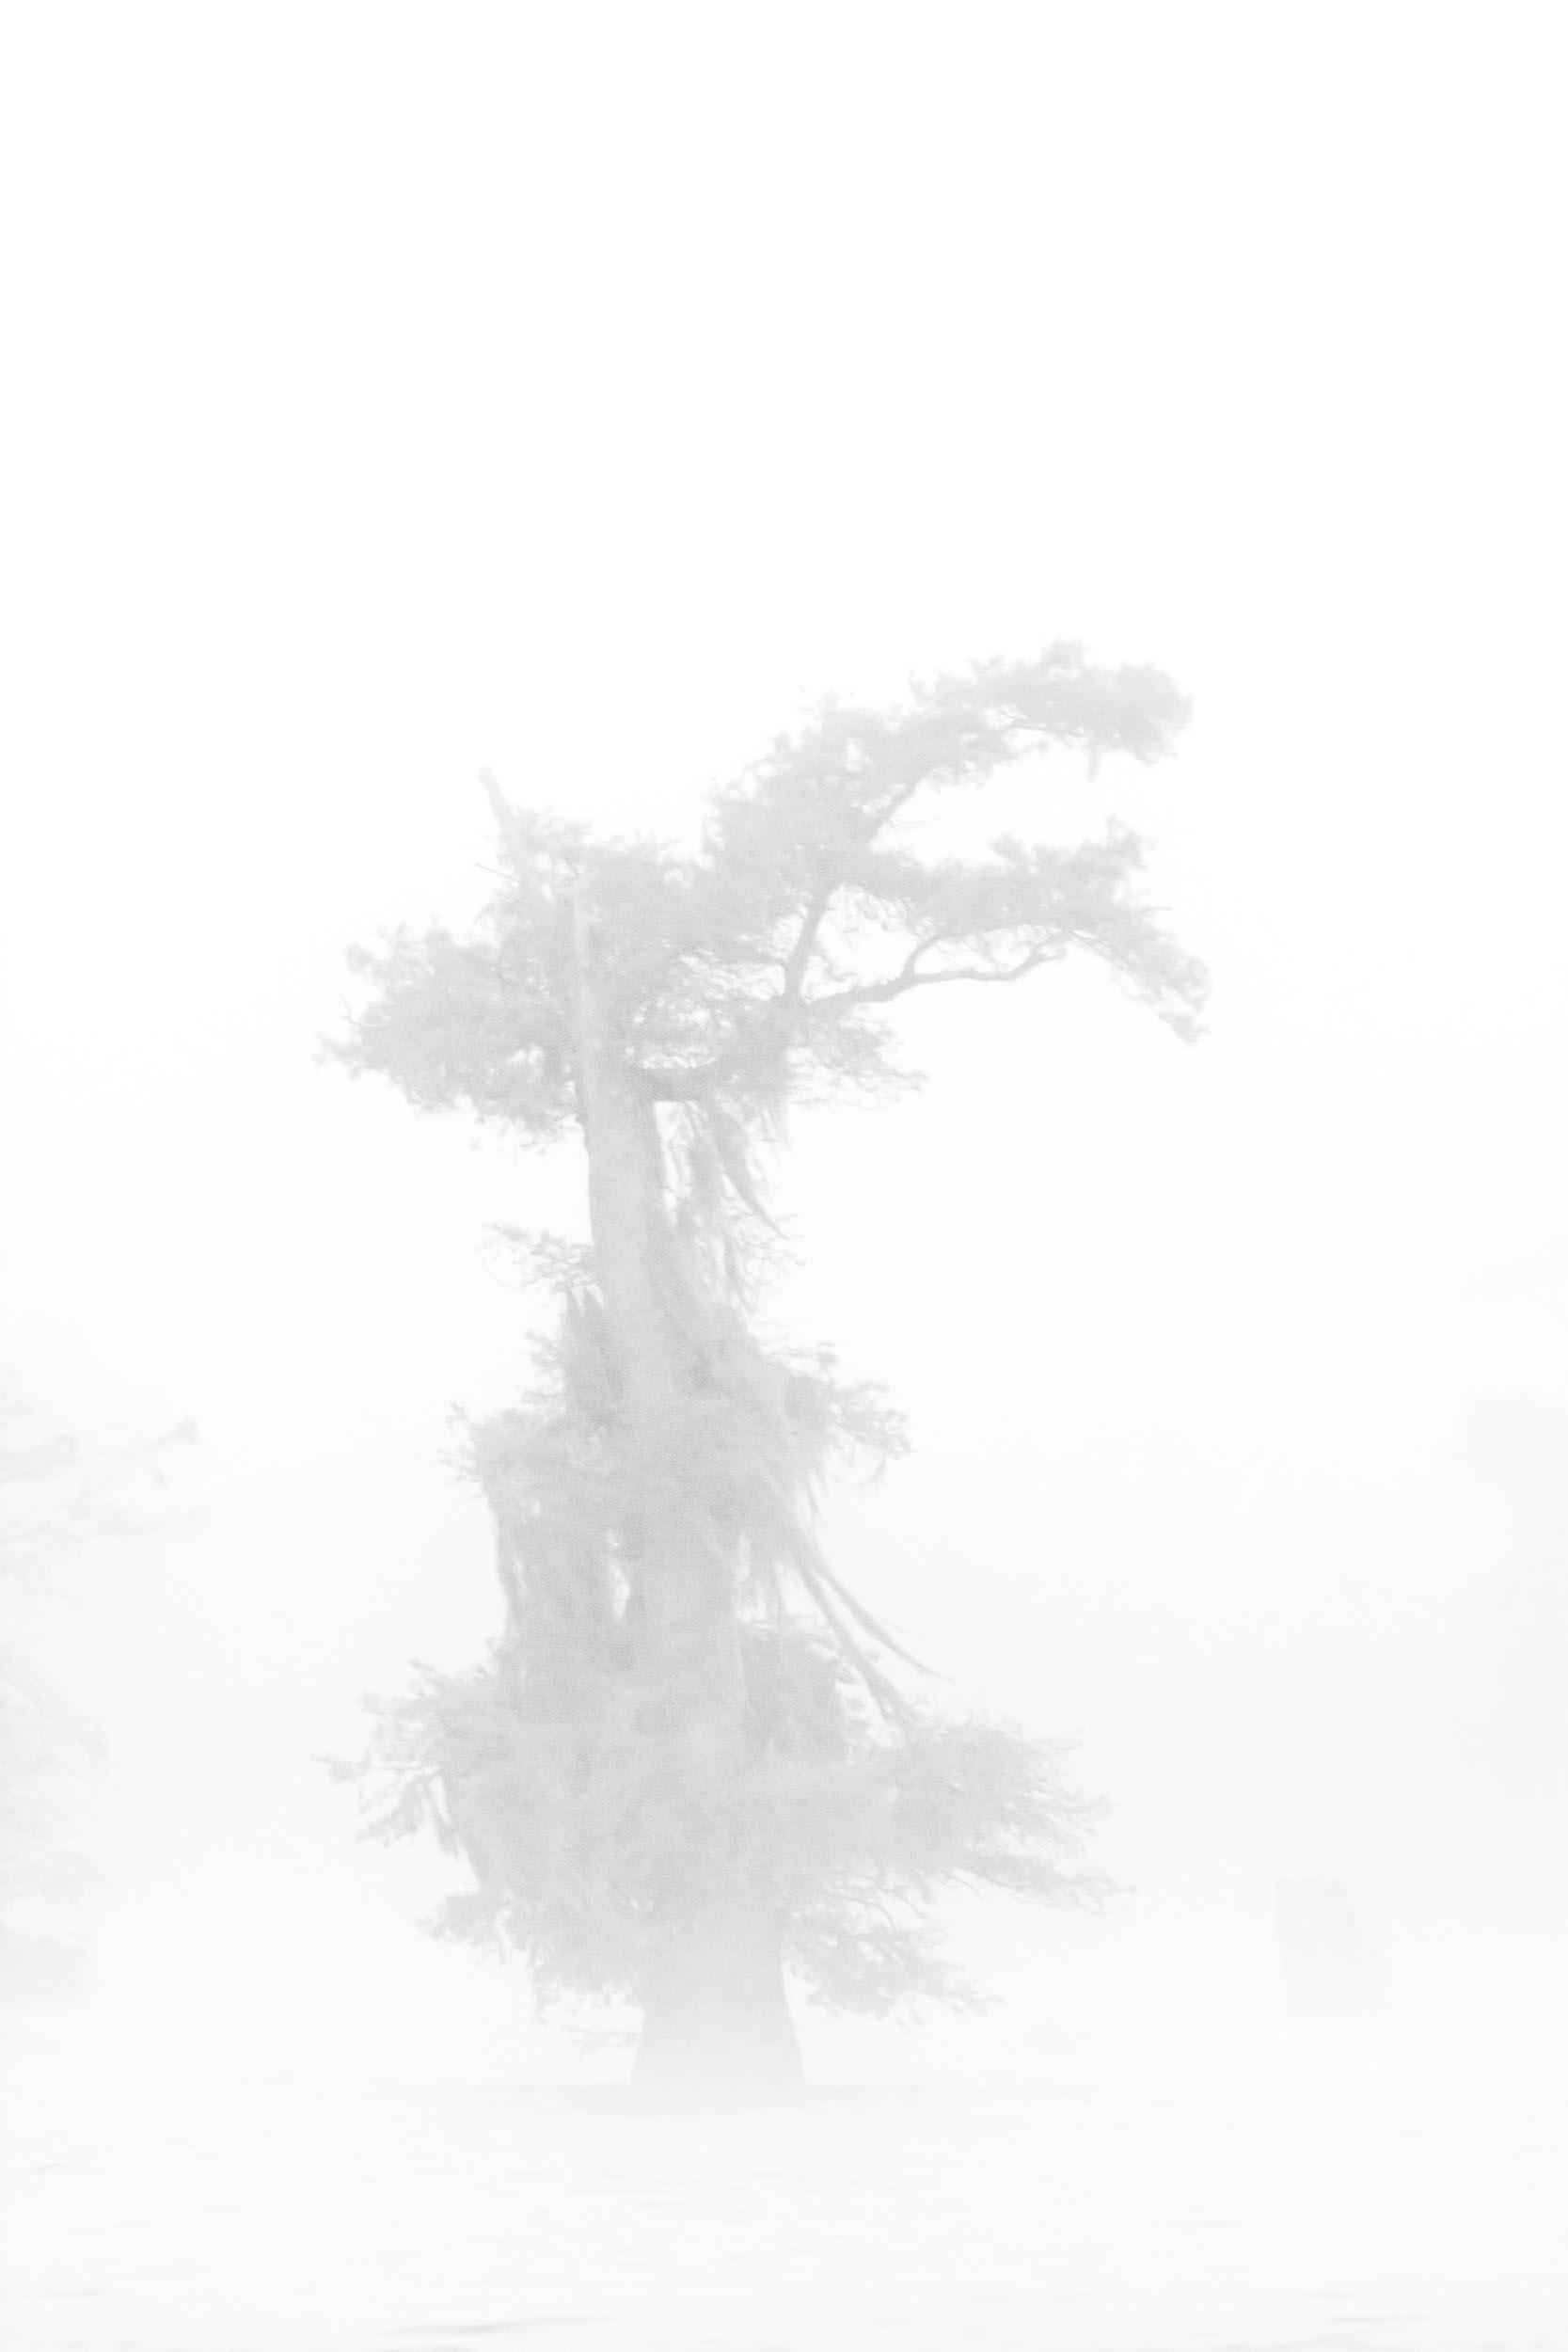 Ghost Cypress in Henderson Swamp